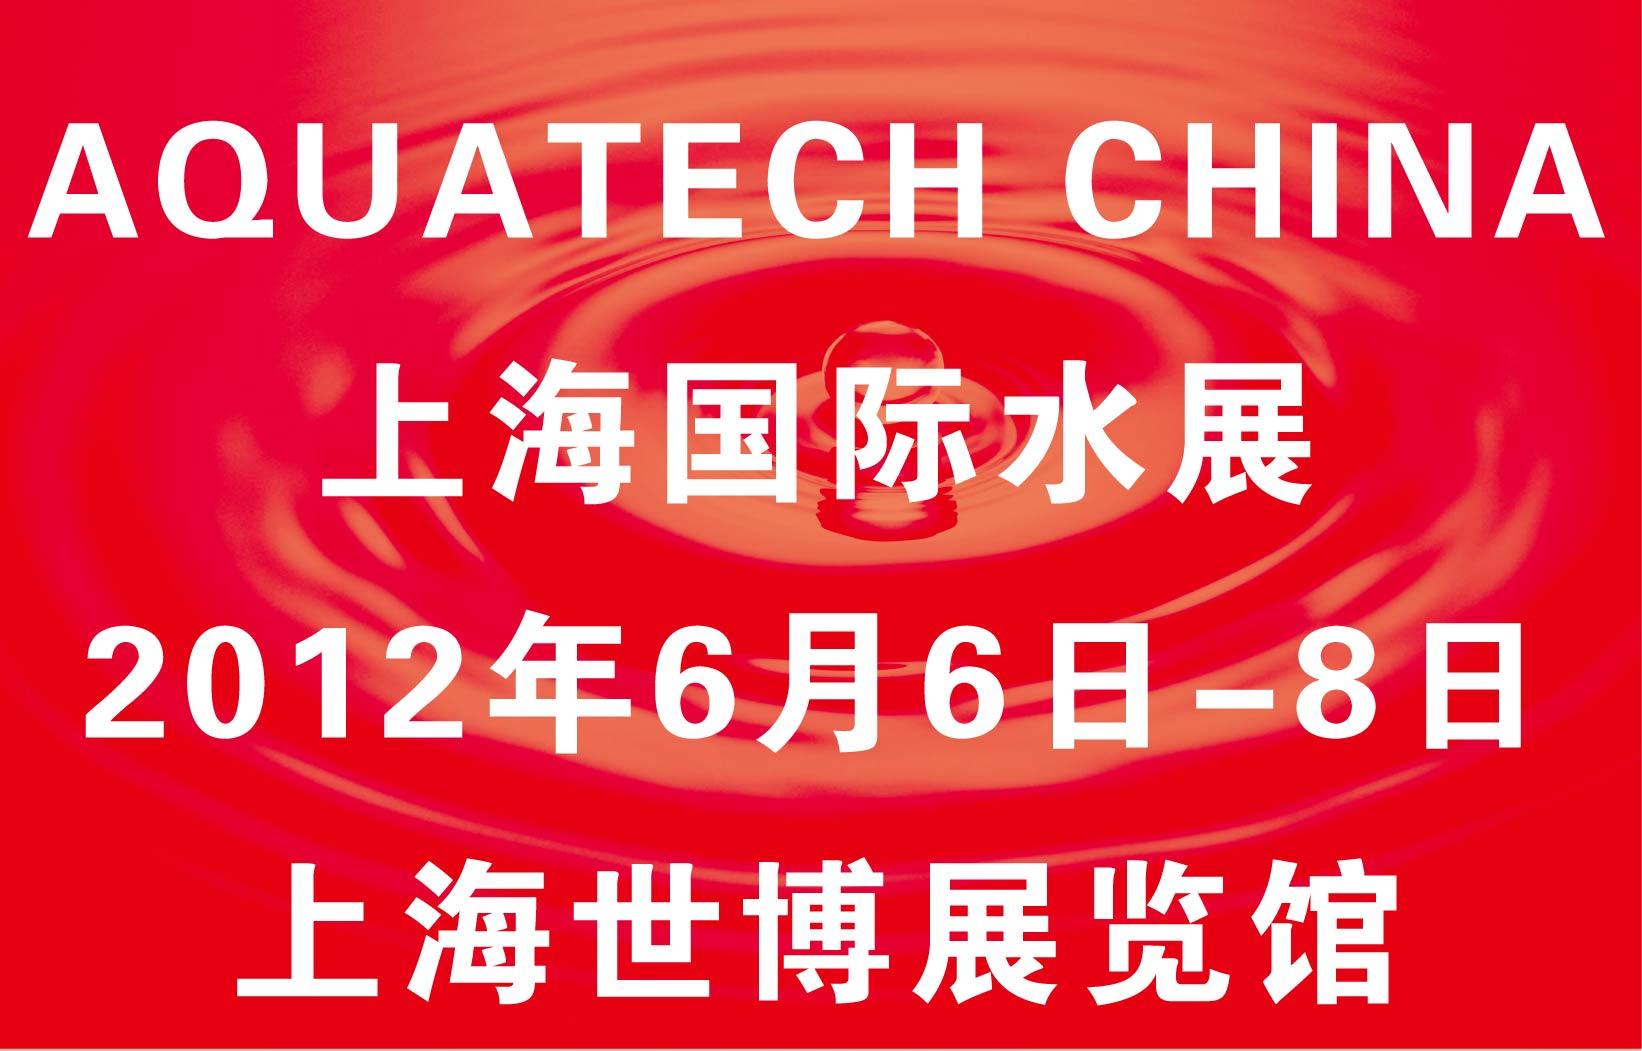 2012第五届AQUATECH CHINA上海国际水展